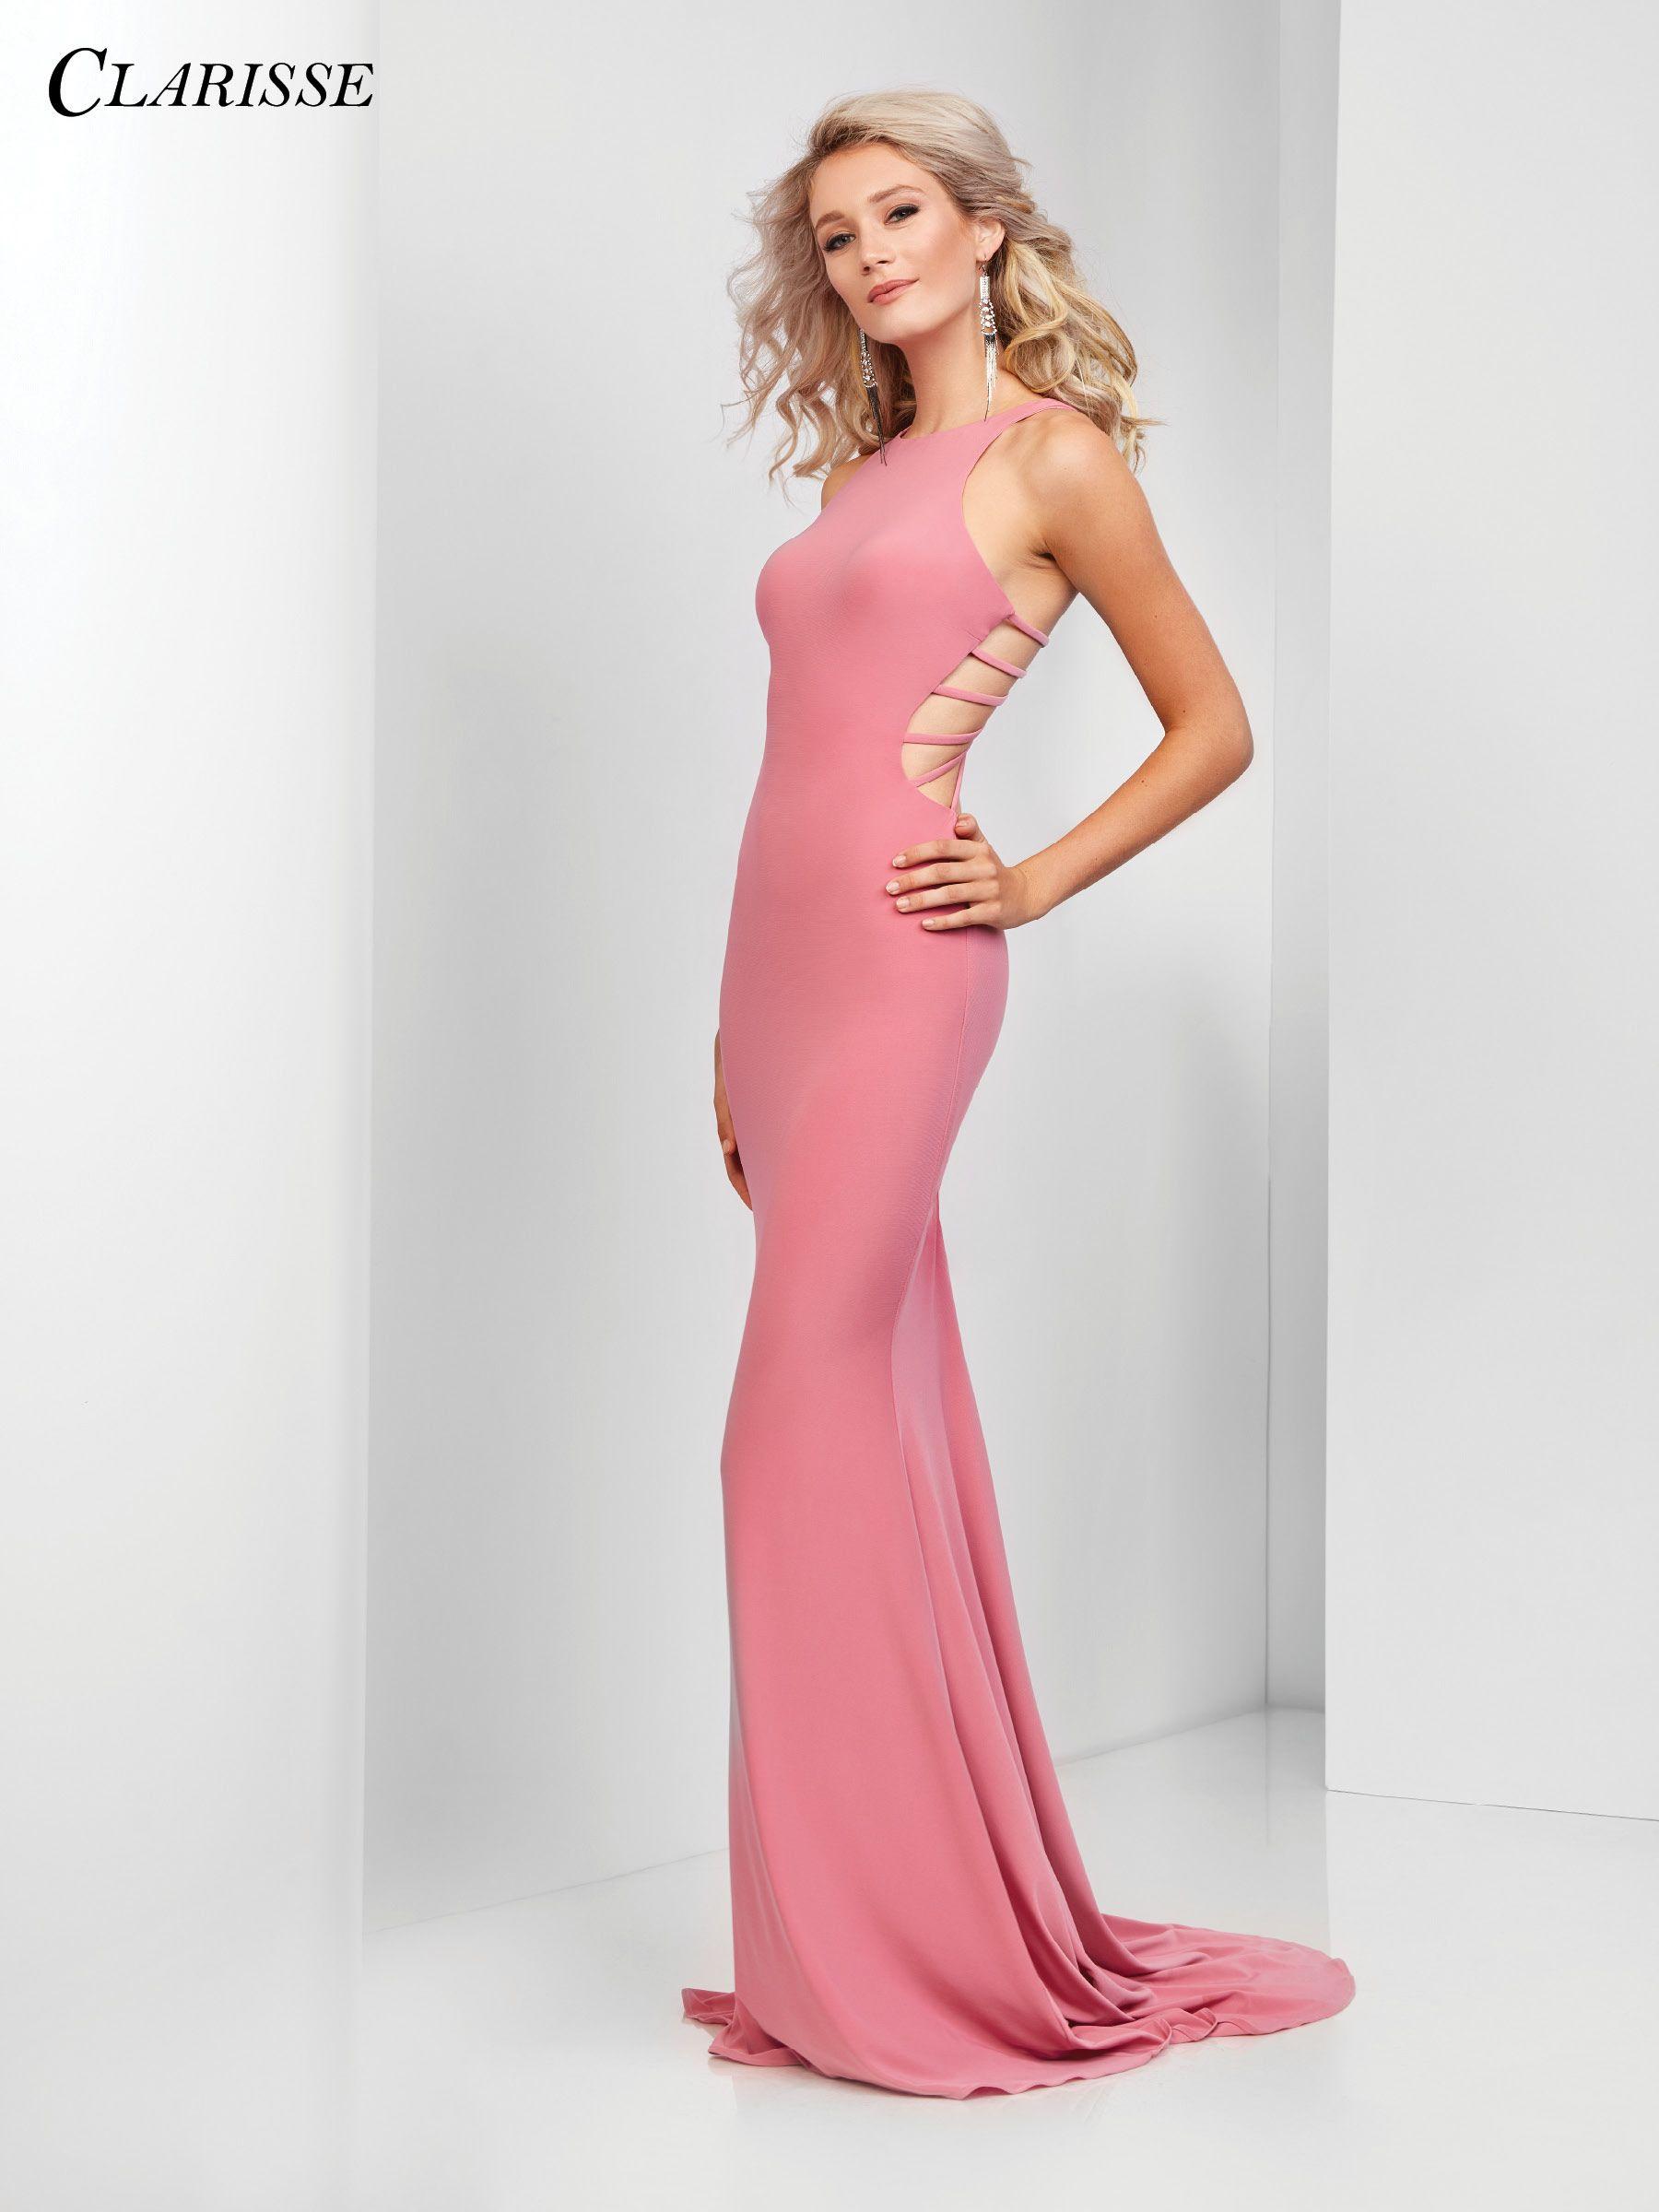 Increíble Boda Viste Usada Miami Friso - Colección de Vestidos de ...